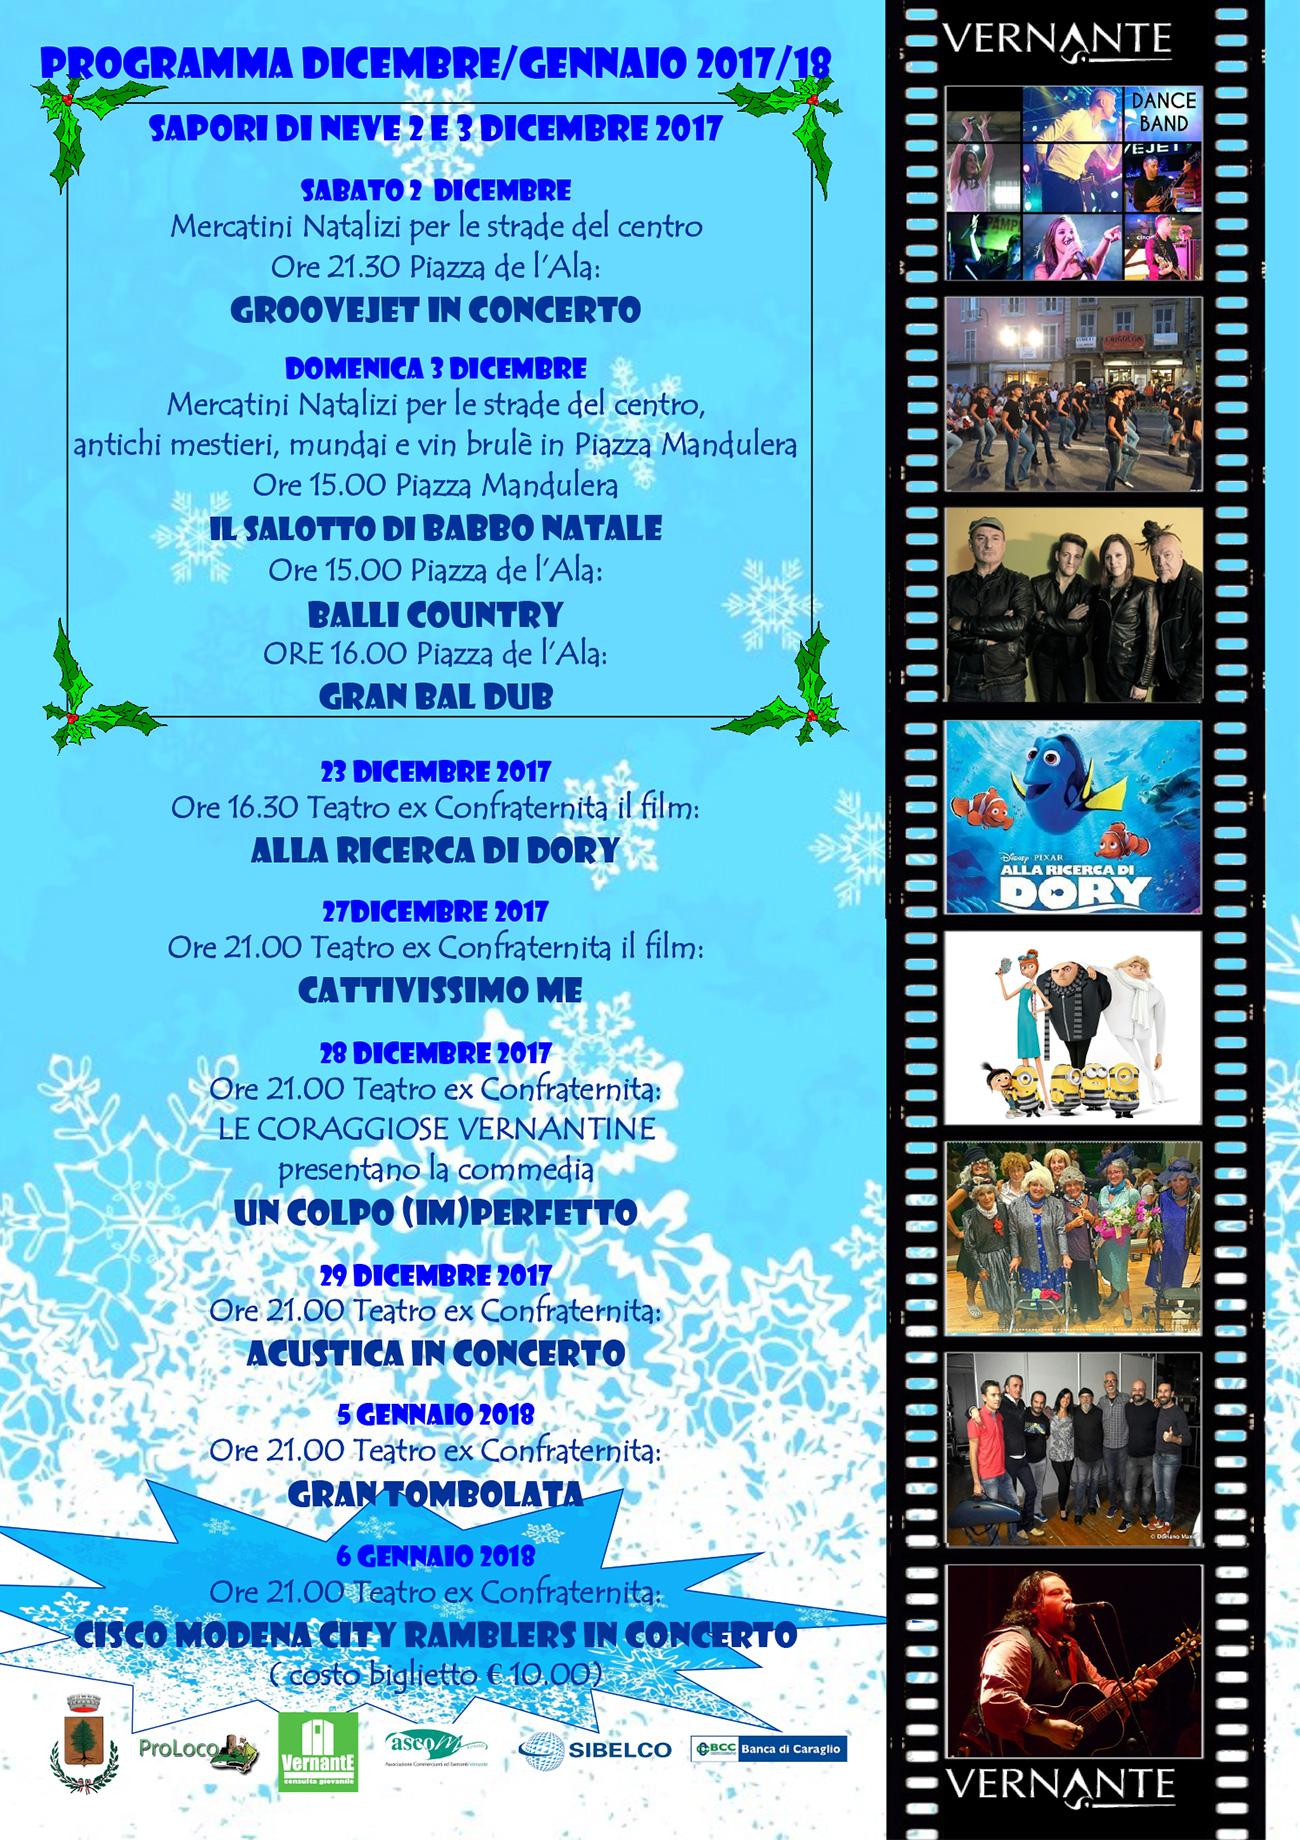 programma-vernante-dicembre-gennaio